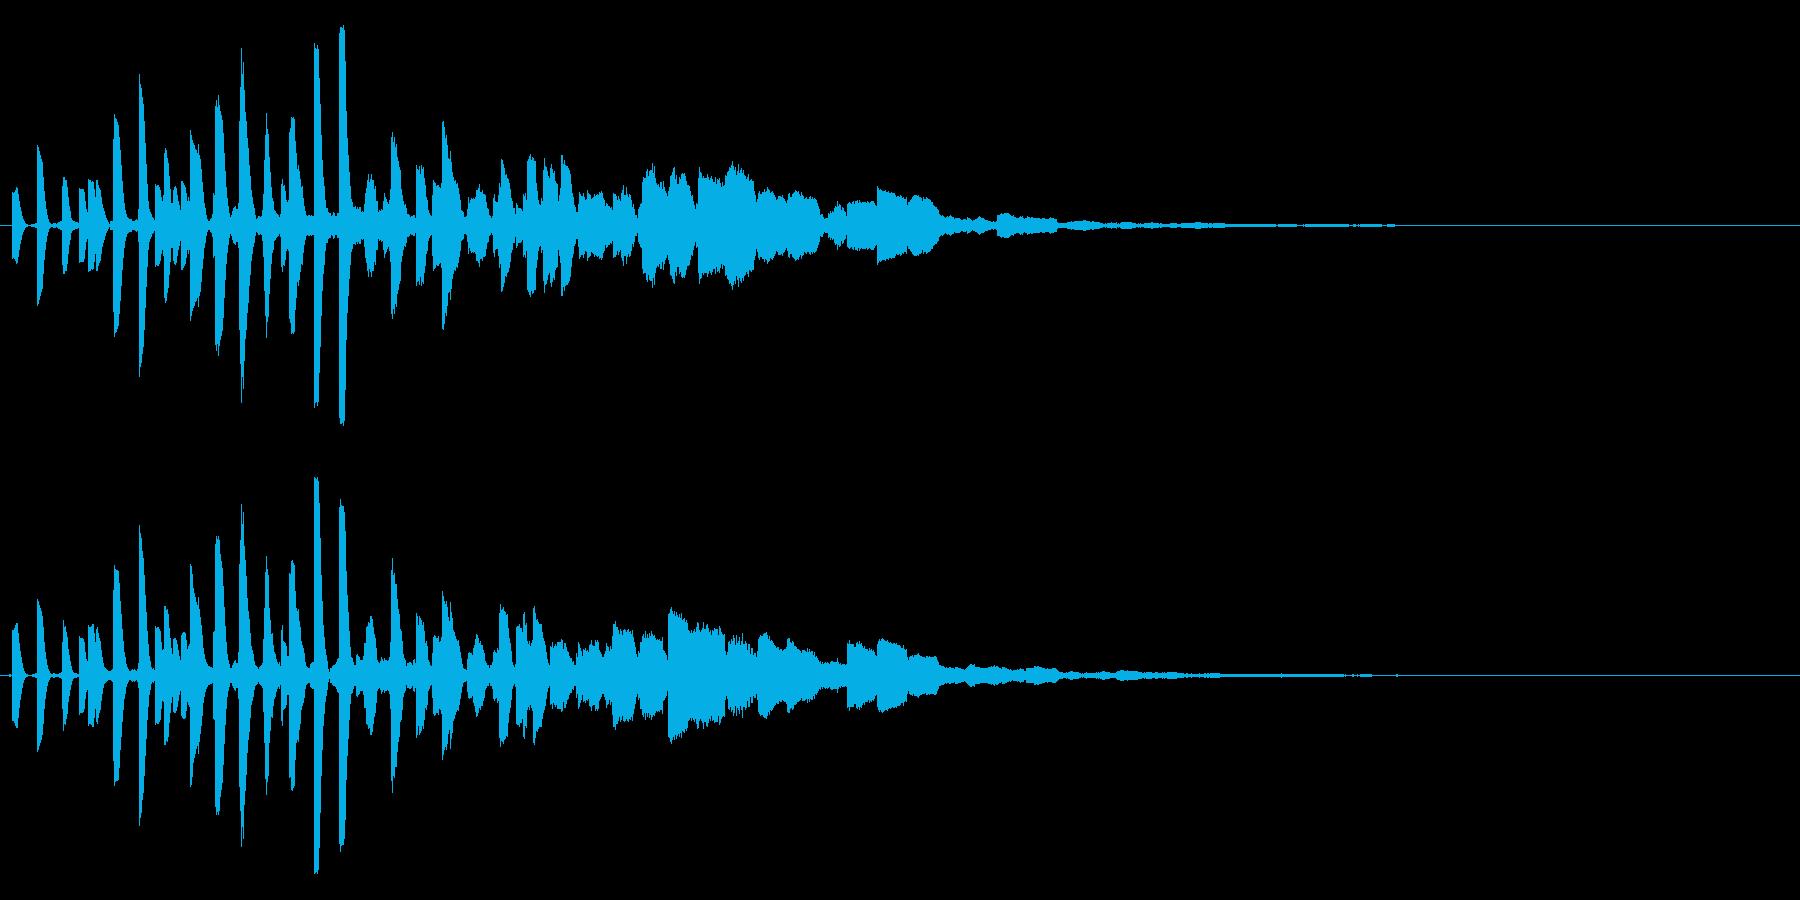 ピッピッと不思議な雰囲気の電子音の再生済みの波形